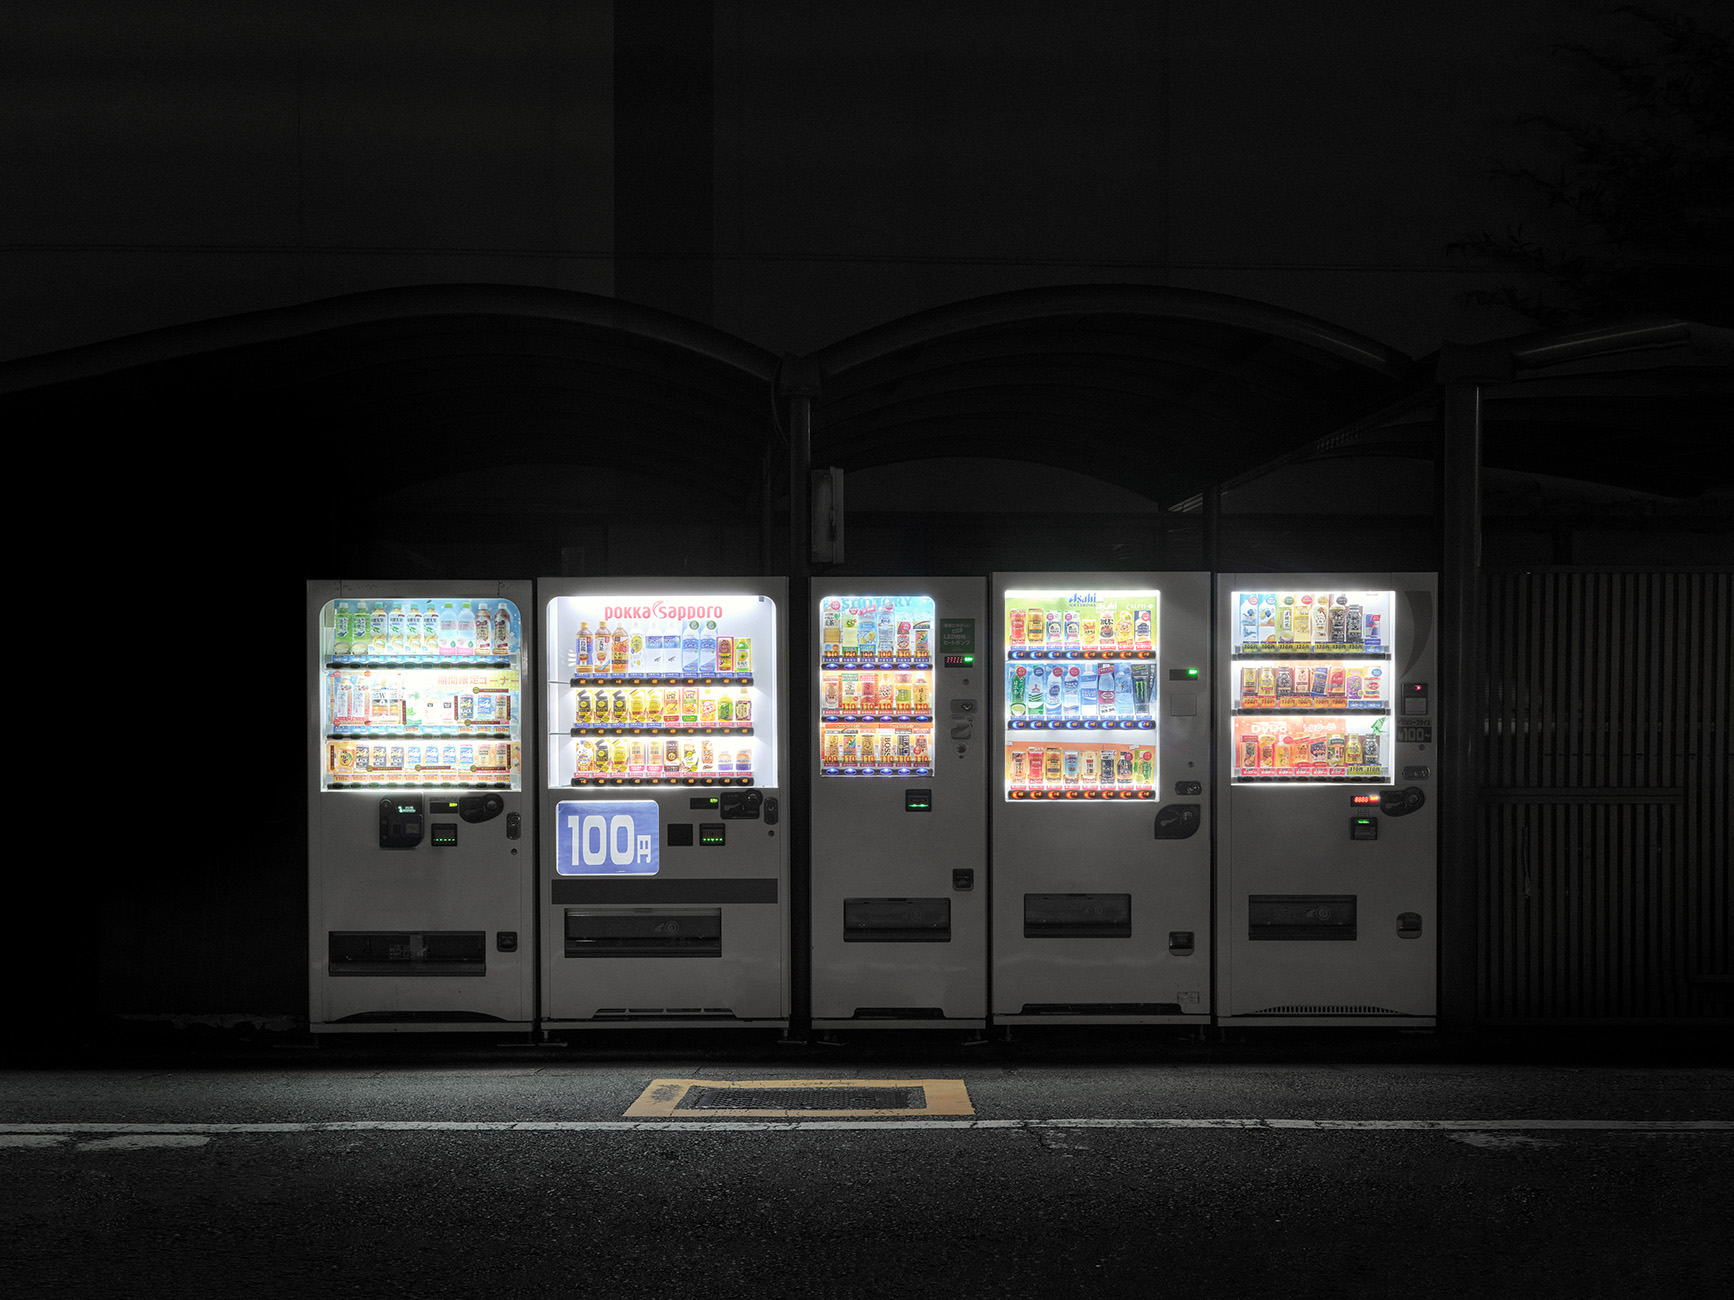 automat2_NY copy.jpg